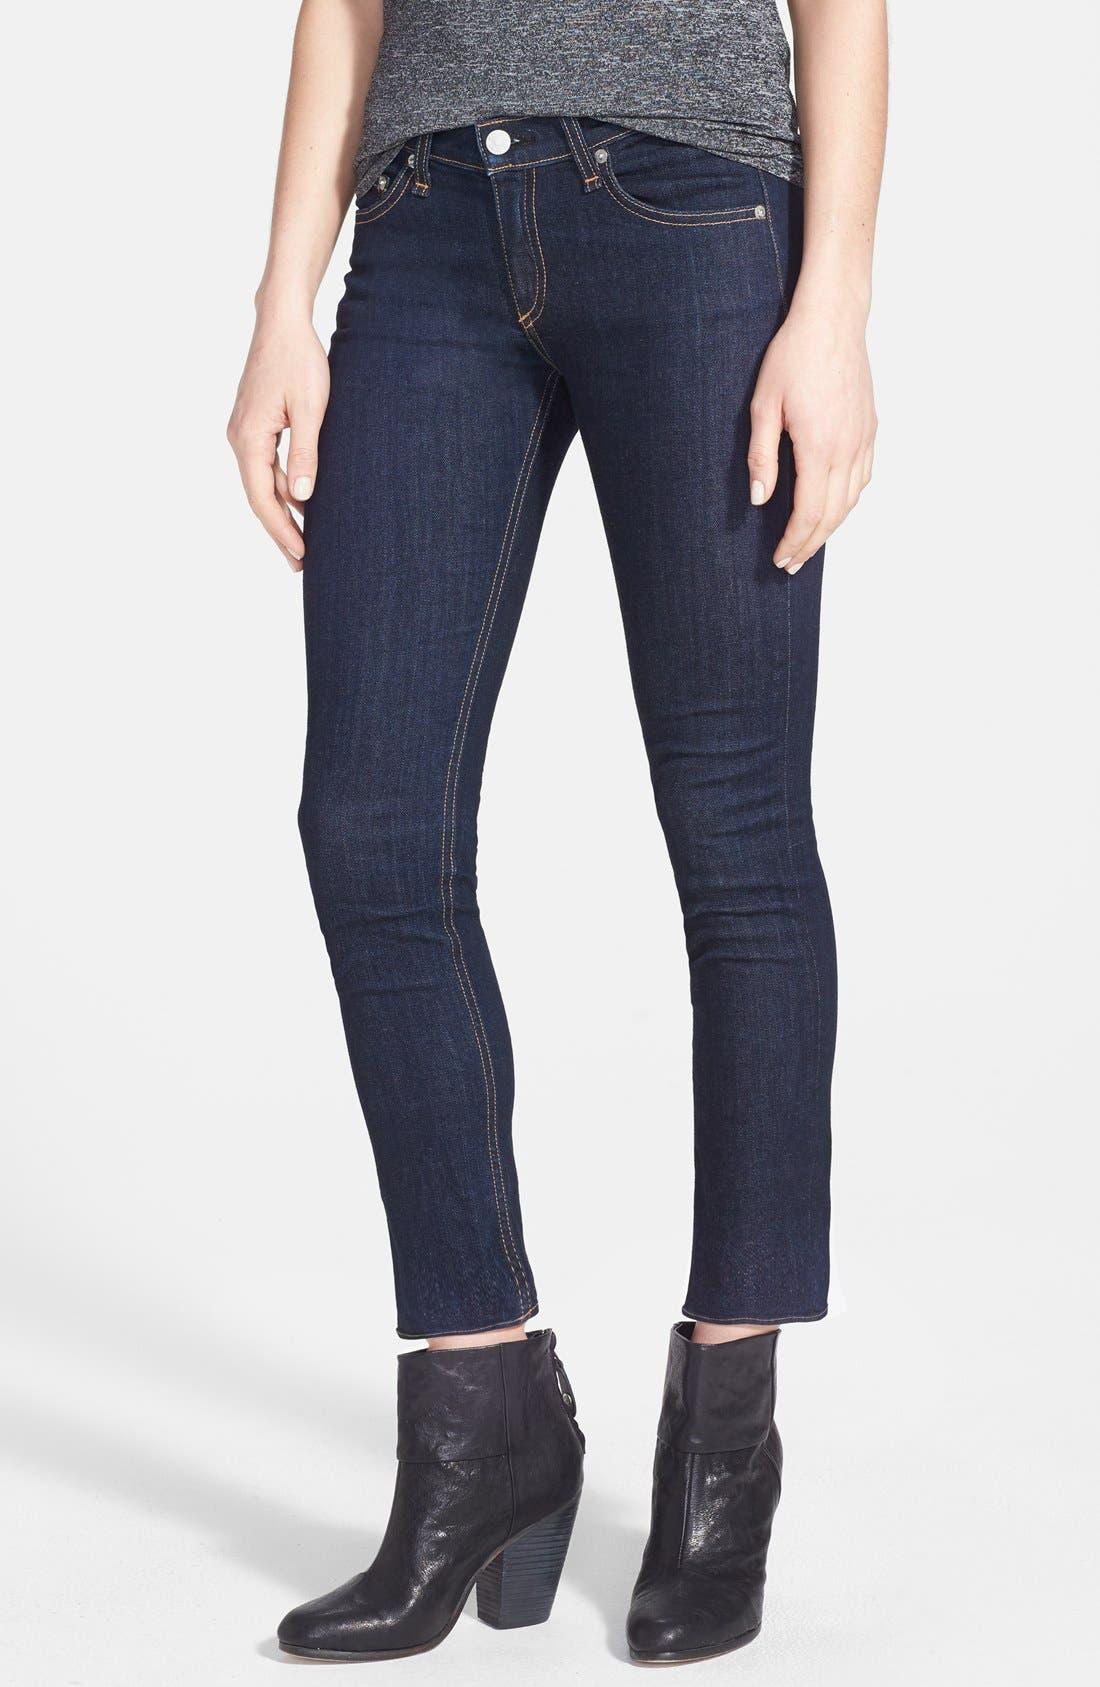 Alternate Image 1 Selected - rag & bone/JEAN Crop Skinny Jeans (Heritage)